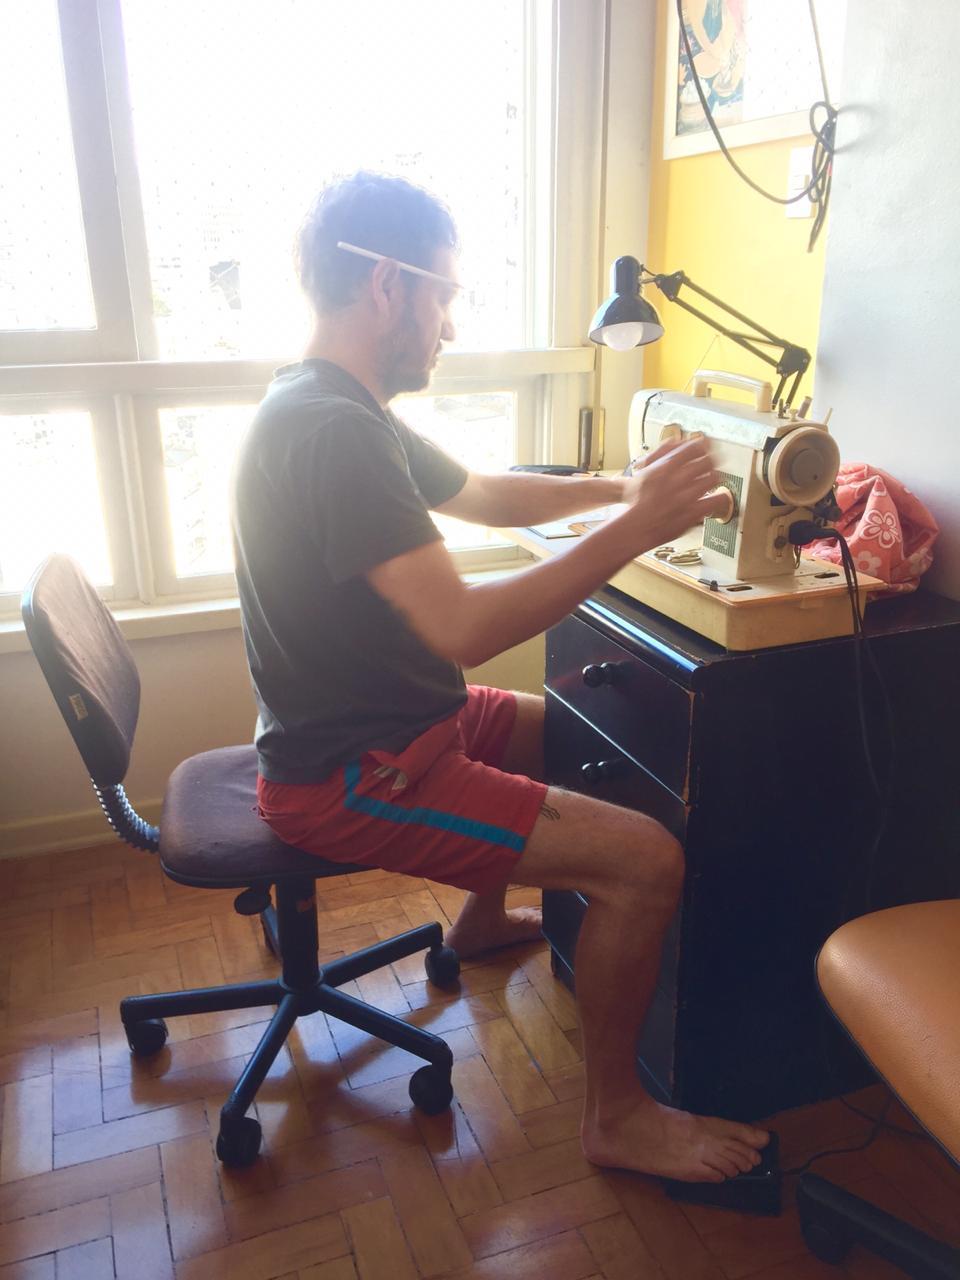 Fazendo uma calça – Uma abordagem escultórica